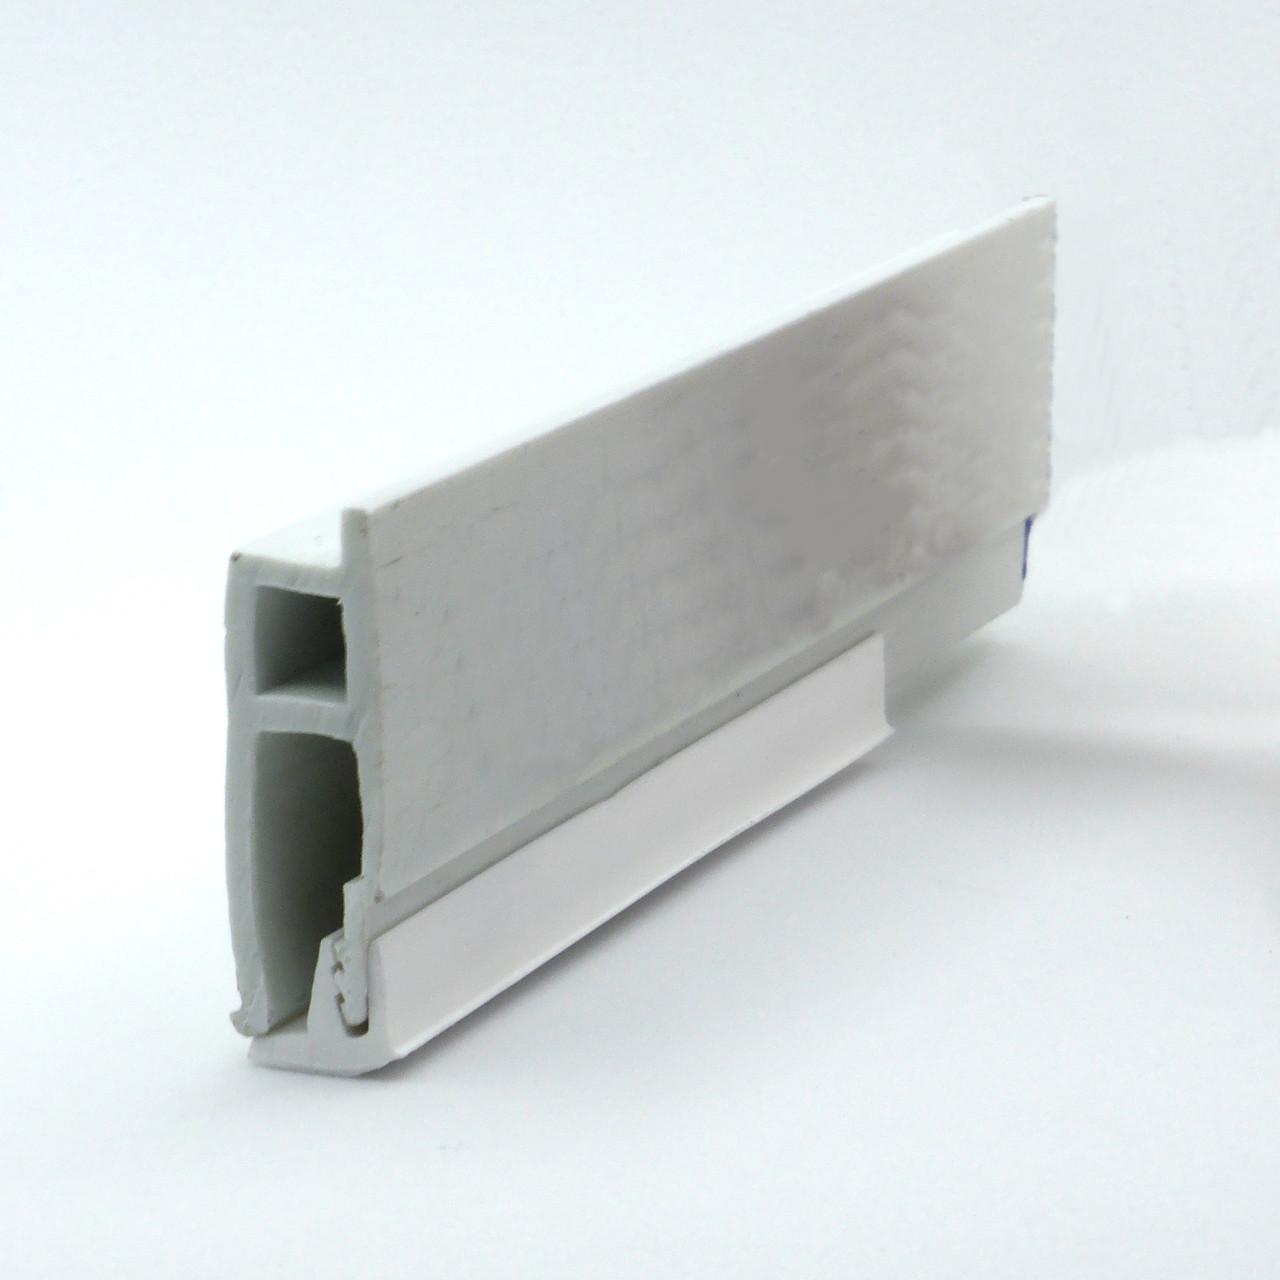 Профиль пластиковый для натяжных потолков - с бортиком. Длина профиля 2,5 м.